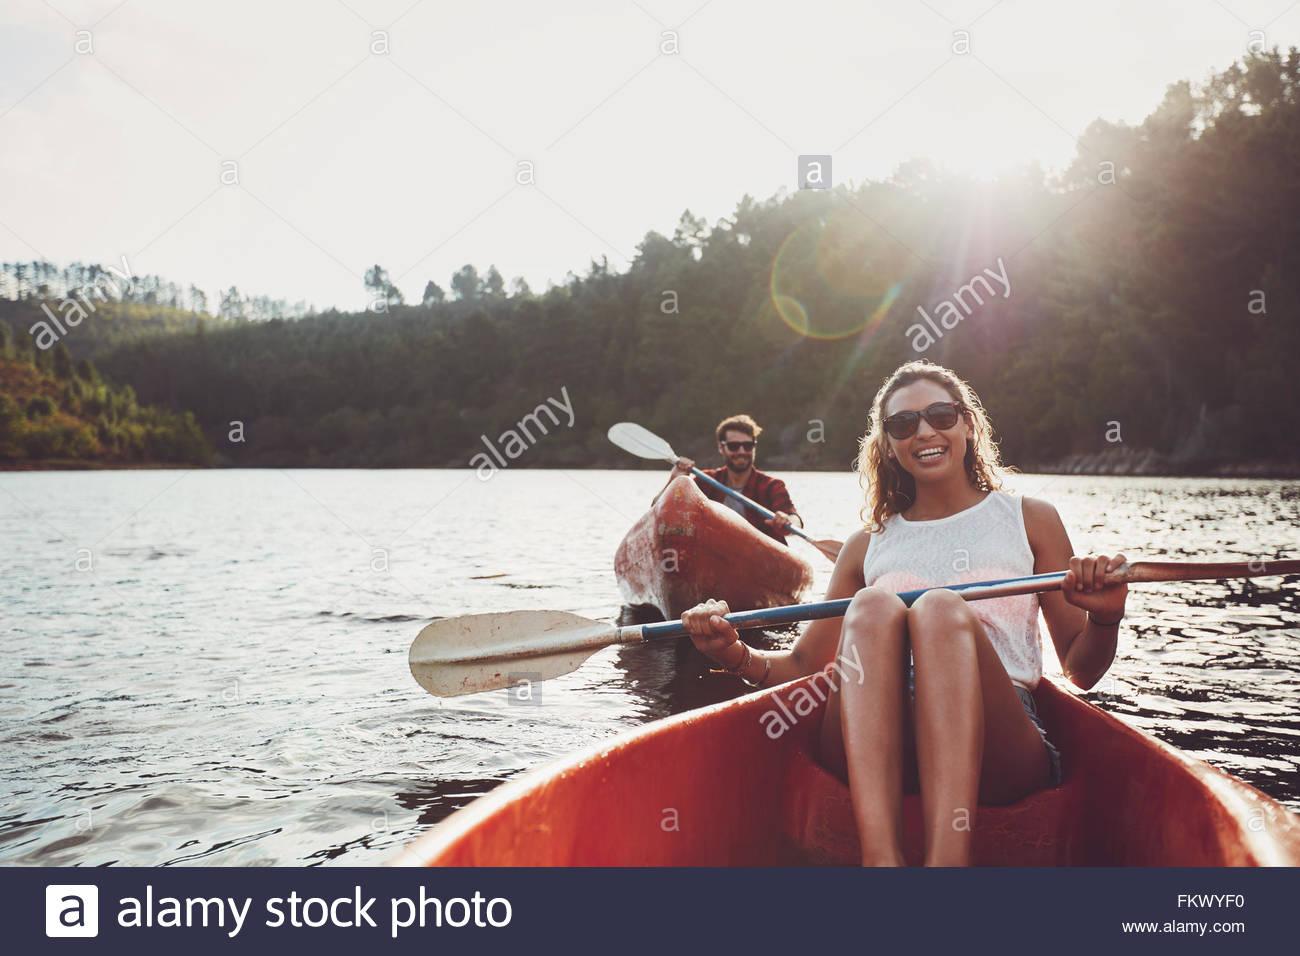 Felice giovane donna paddling in un lago con il suo fidanzato canottaggio sul retro. Felice coppia giovane in canoa Immagini Stock